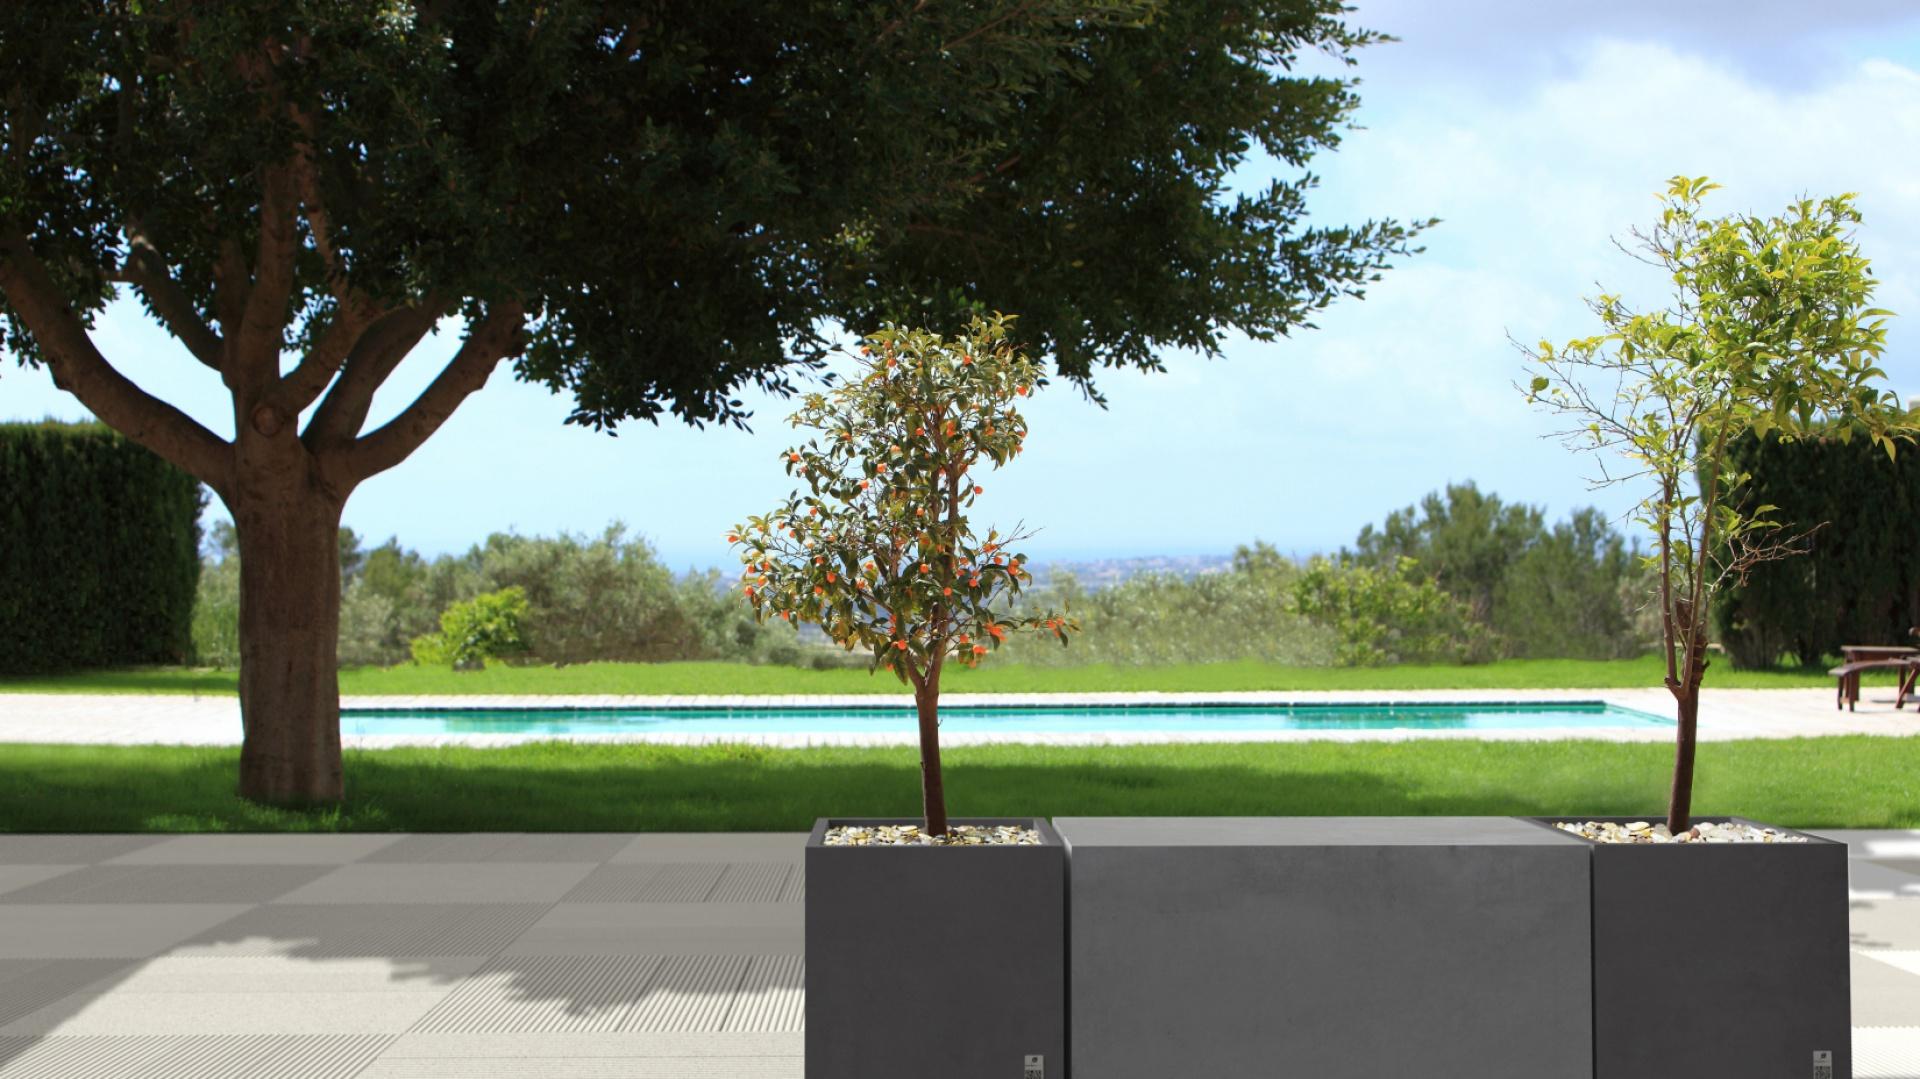 Nowoczesne nawierzchnie z betonu to materiał zarówno dla tych, którzy lubią rozwiązania minimalistyczne, jak i dla tych liczących na awangardowość. Zarówno proste, kubiczne kształty, jak i te bardziej skomplikowane, ale wciąż oscylujące wokół geometrii, pozwalają na kreowanie wielu wzorów– a to wszystko w ramach obowiązujących nowoczesnych trendów. Na zdjęciu: płyta Style, Donica Regular z podstawką, Box Regular, Modern Line.